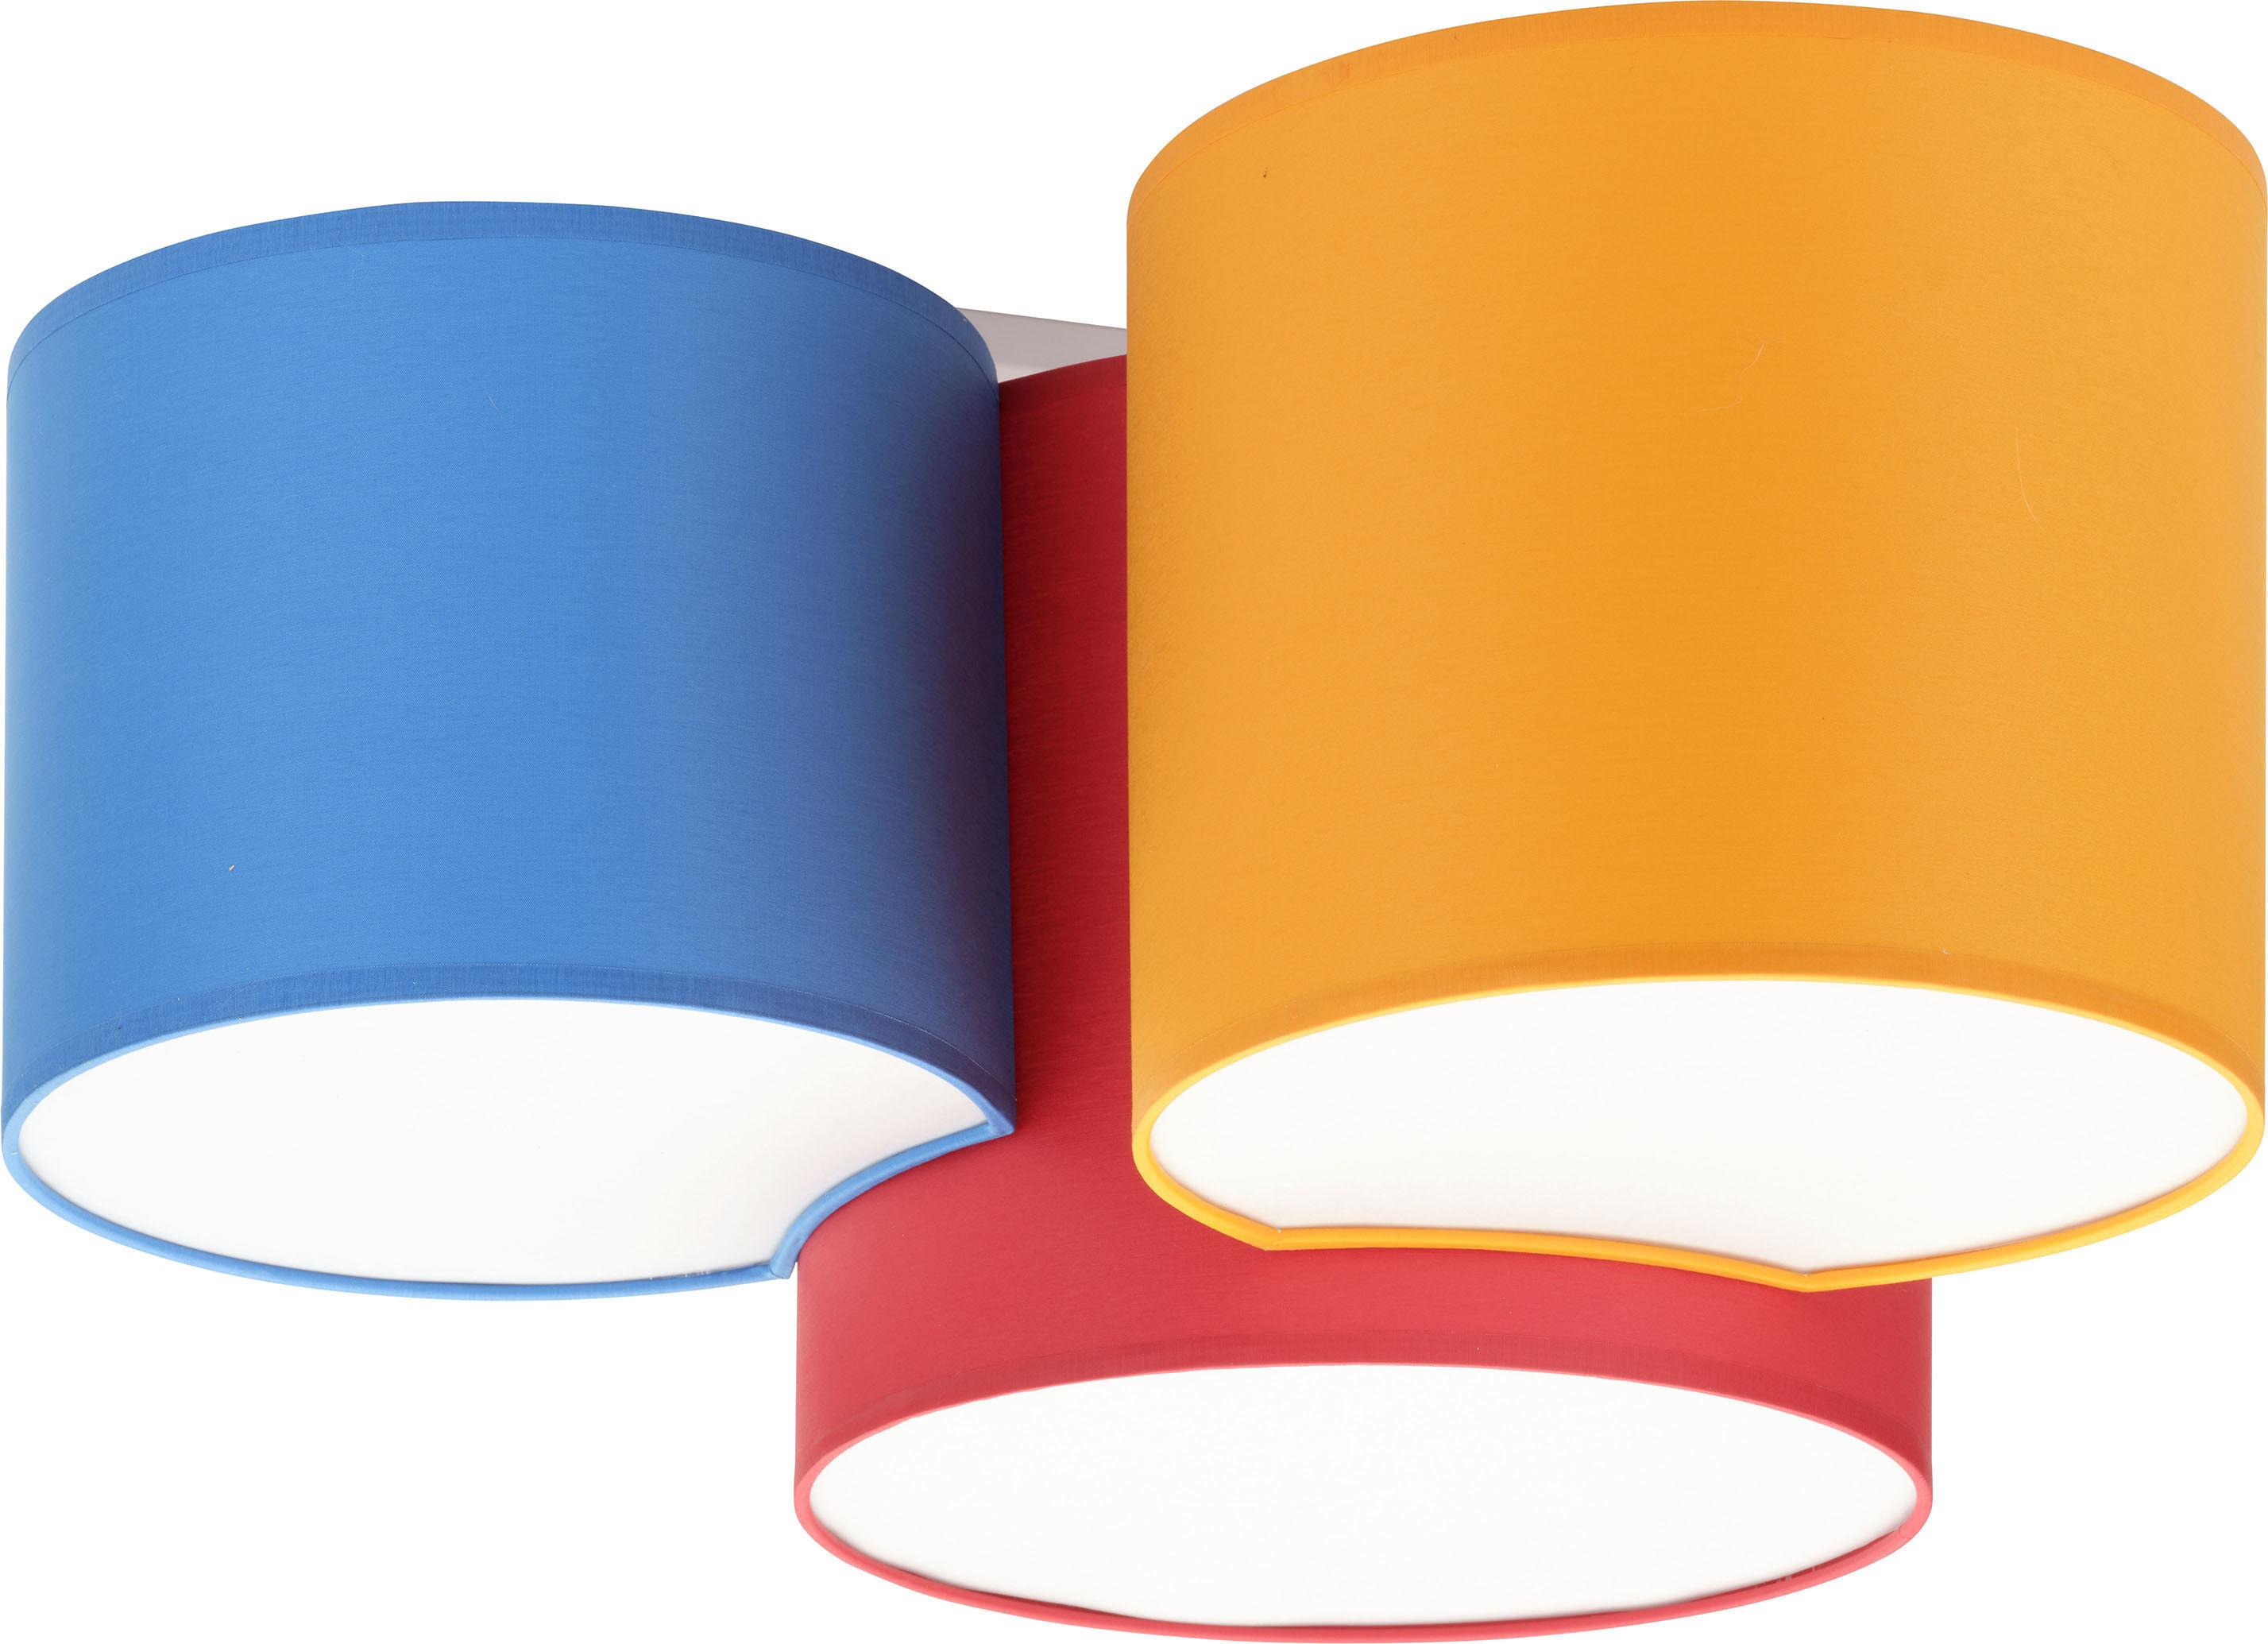 Mona Kids plafon 3-punktowy czerwony/pomarańczowy/niebieski 3275